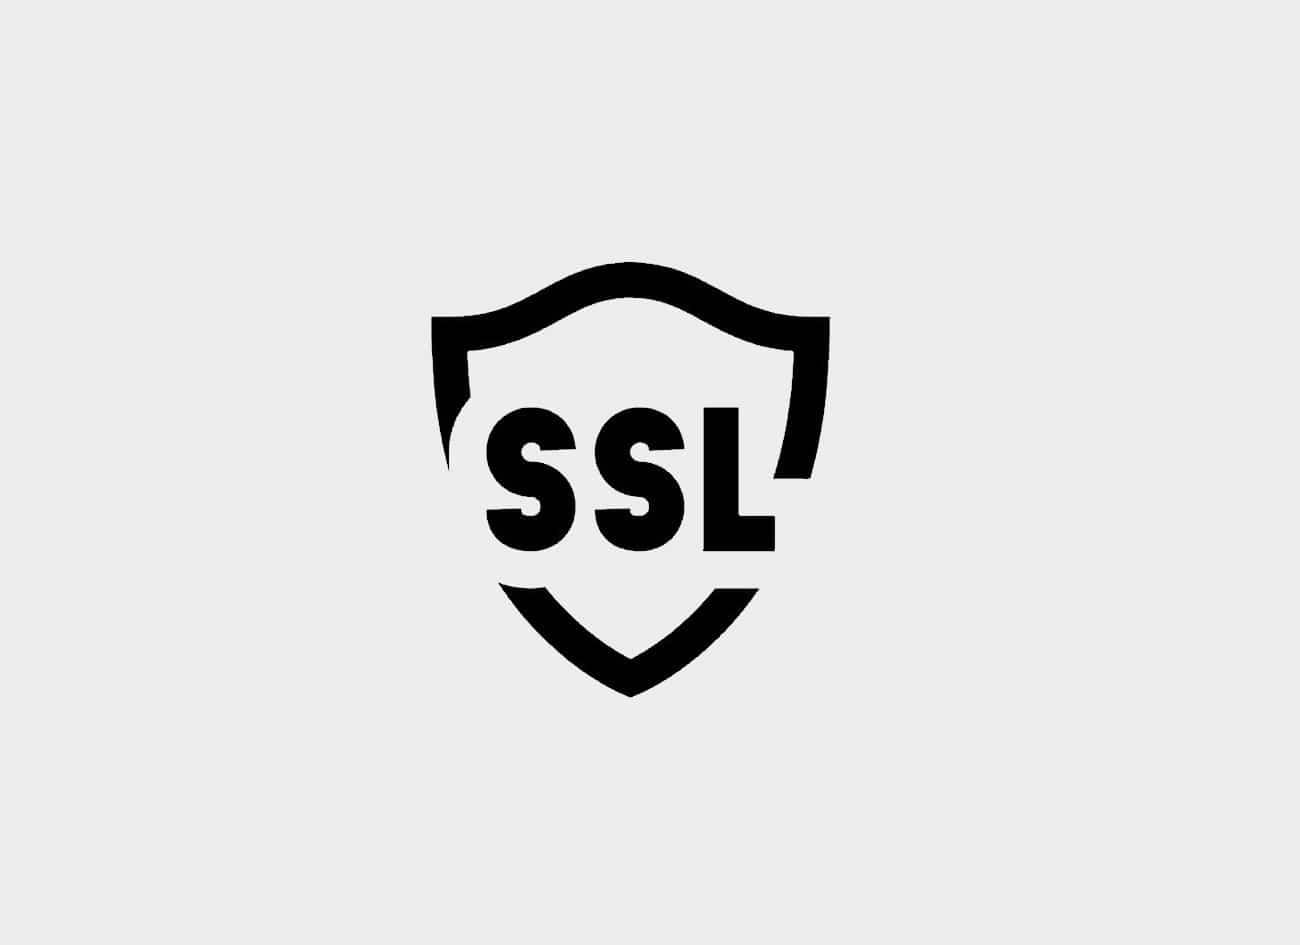 Certificados de seguridad SSL en Tranquilidad Digital de InPut Creativity